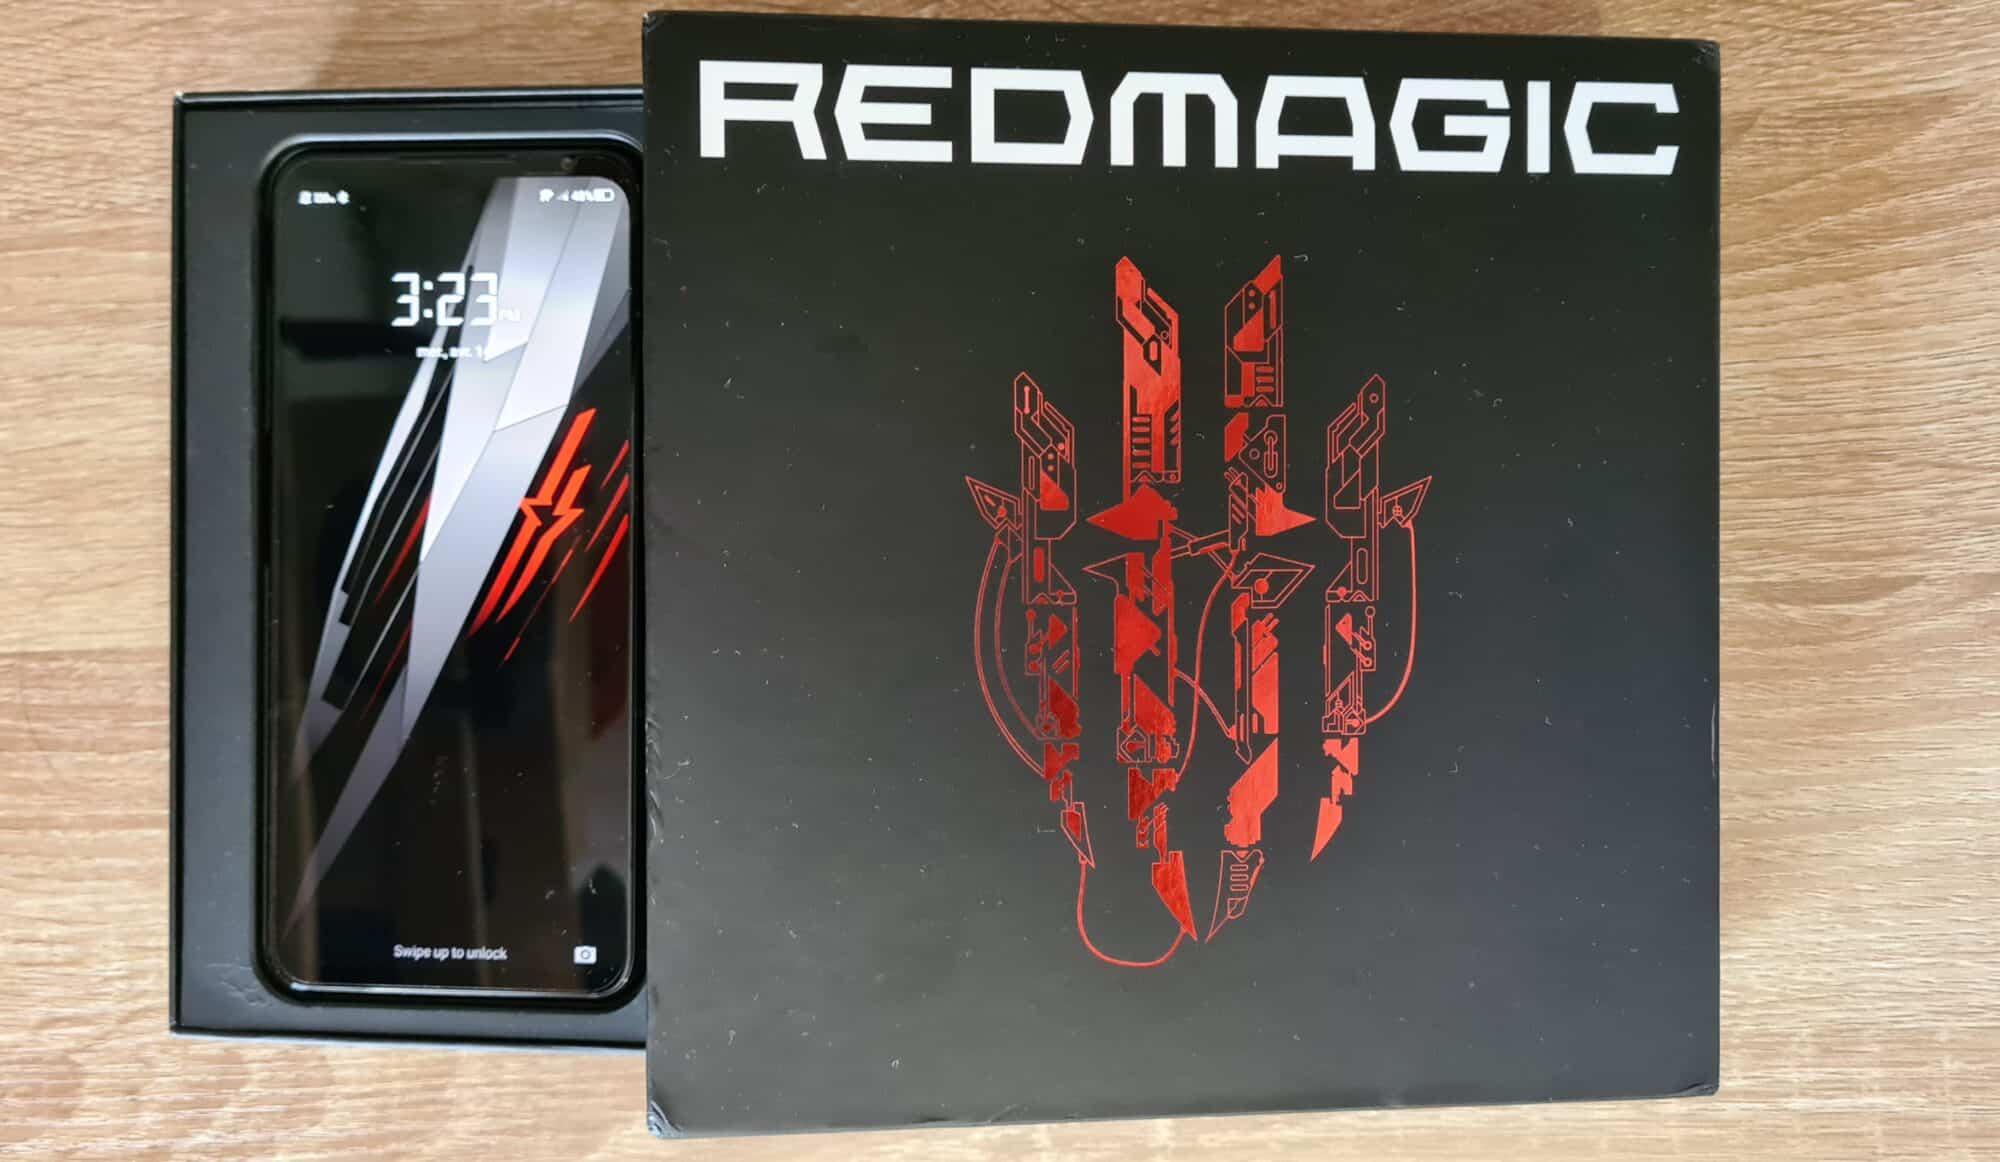 Premier unboxing du Redmagic 6